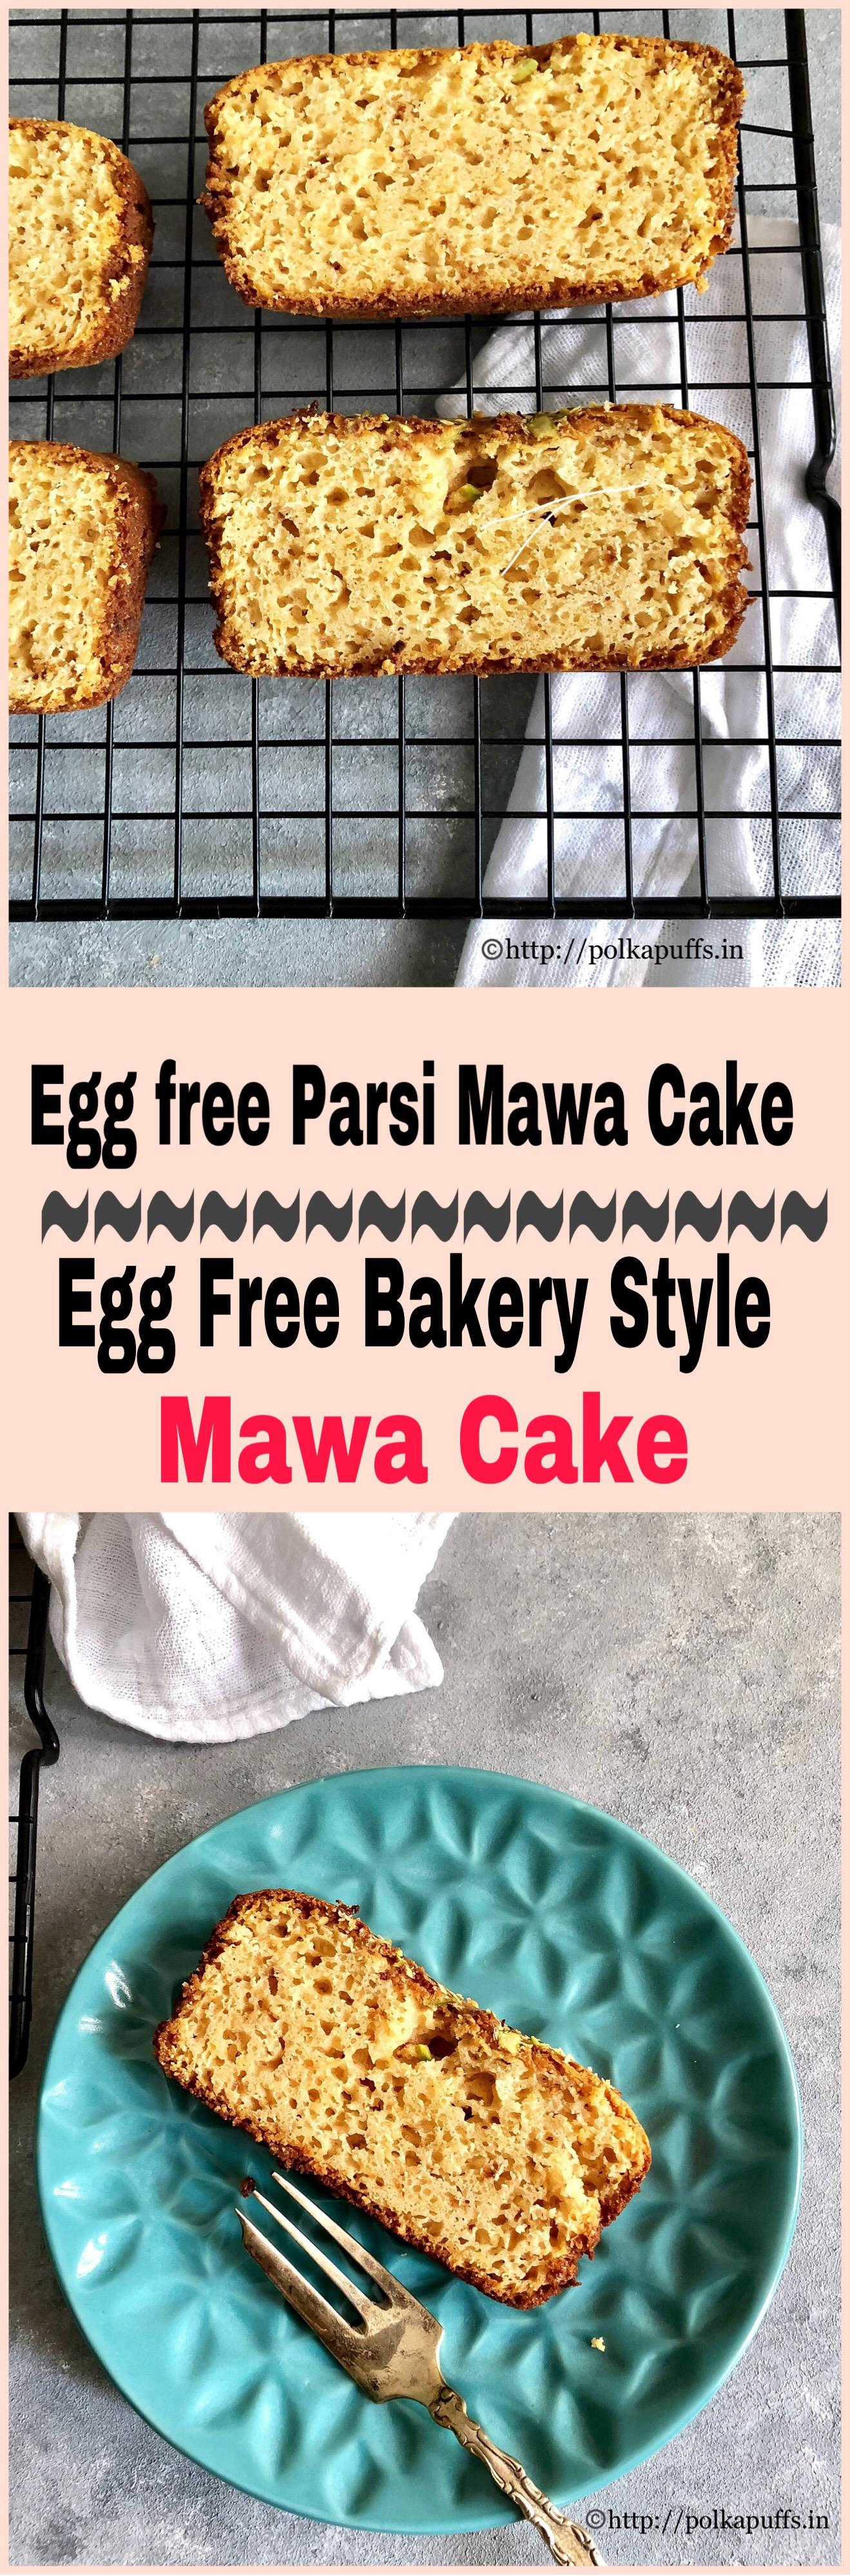 eggless mawa cake pinterest.jpg